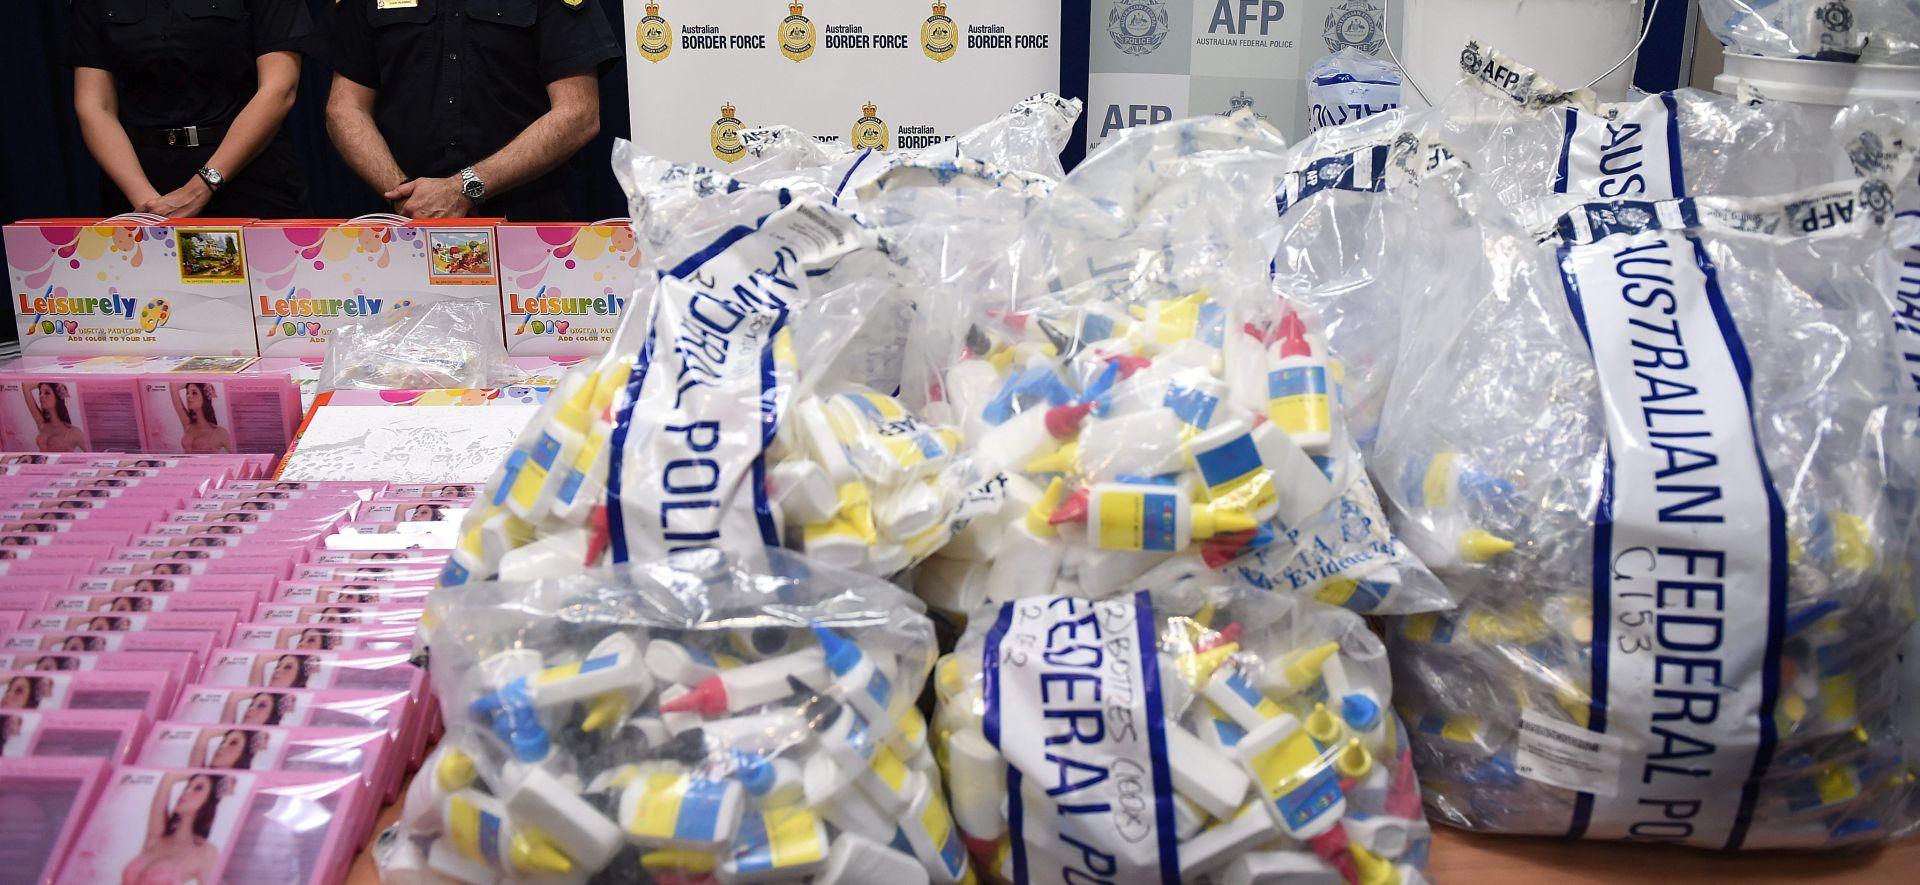 AUSTRALIJA Zaplijenjen tekući amfetamin vrijedan 700 milijuna dolara